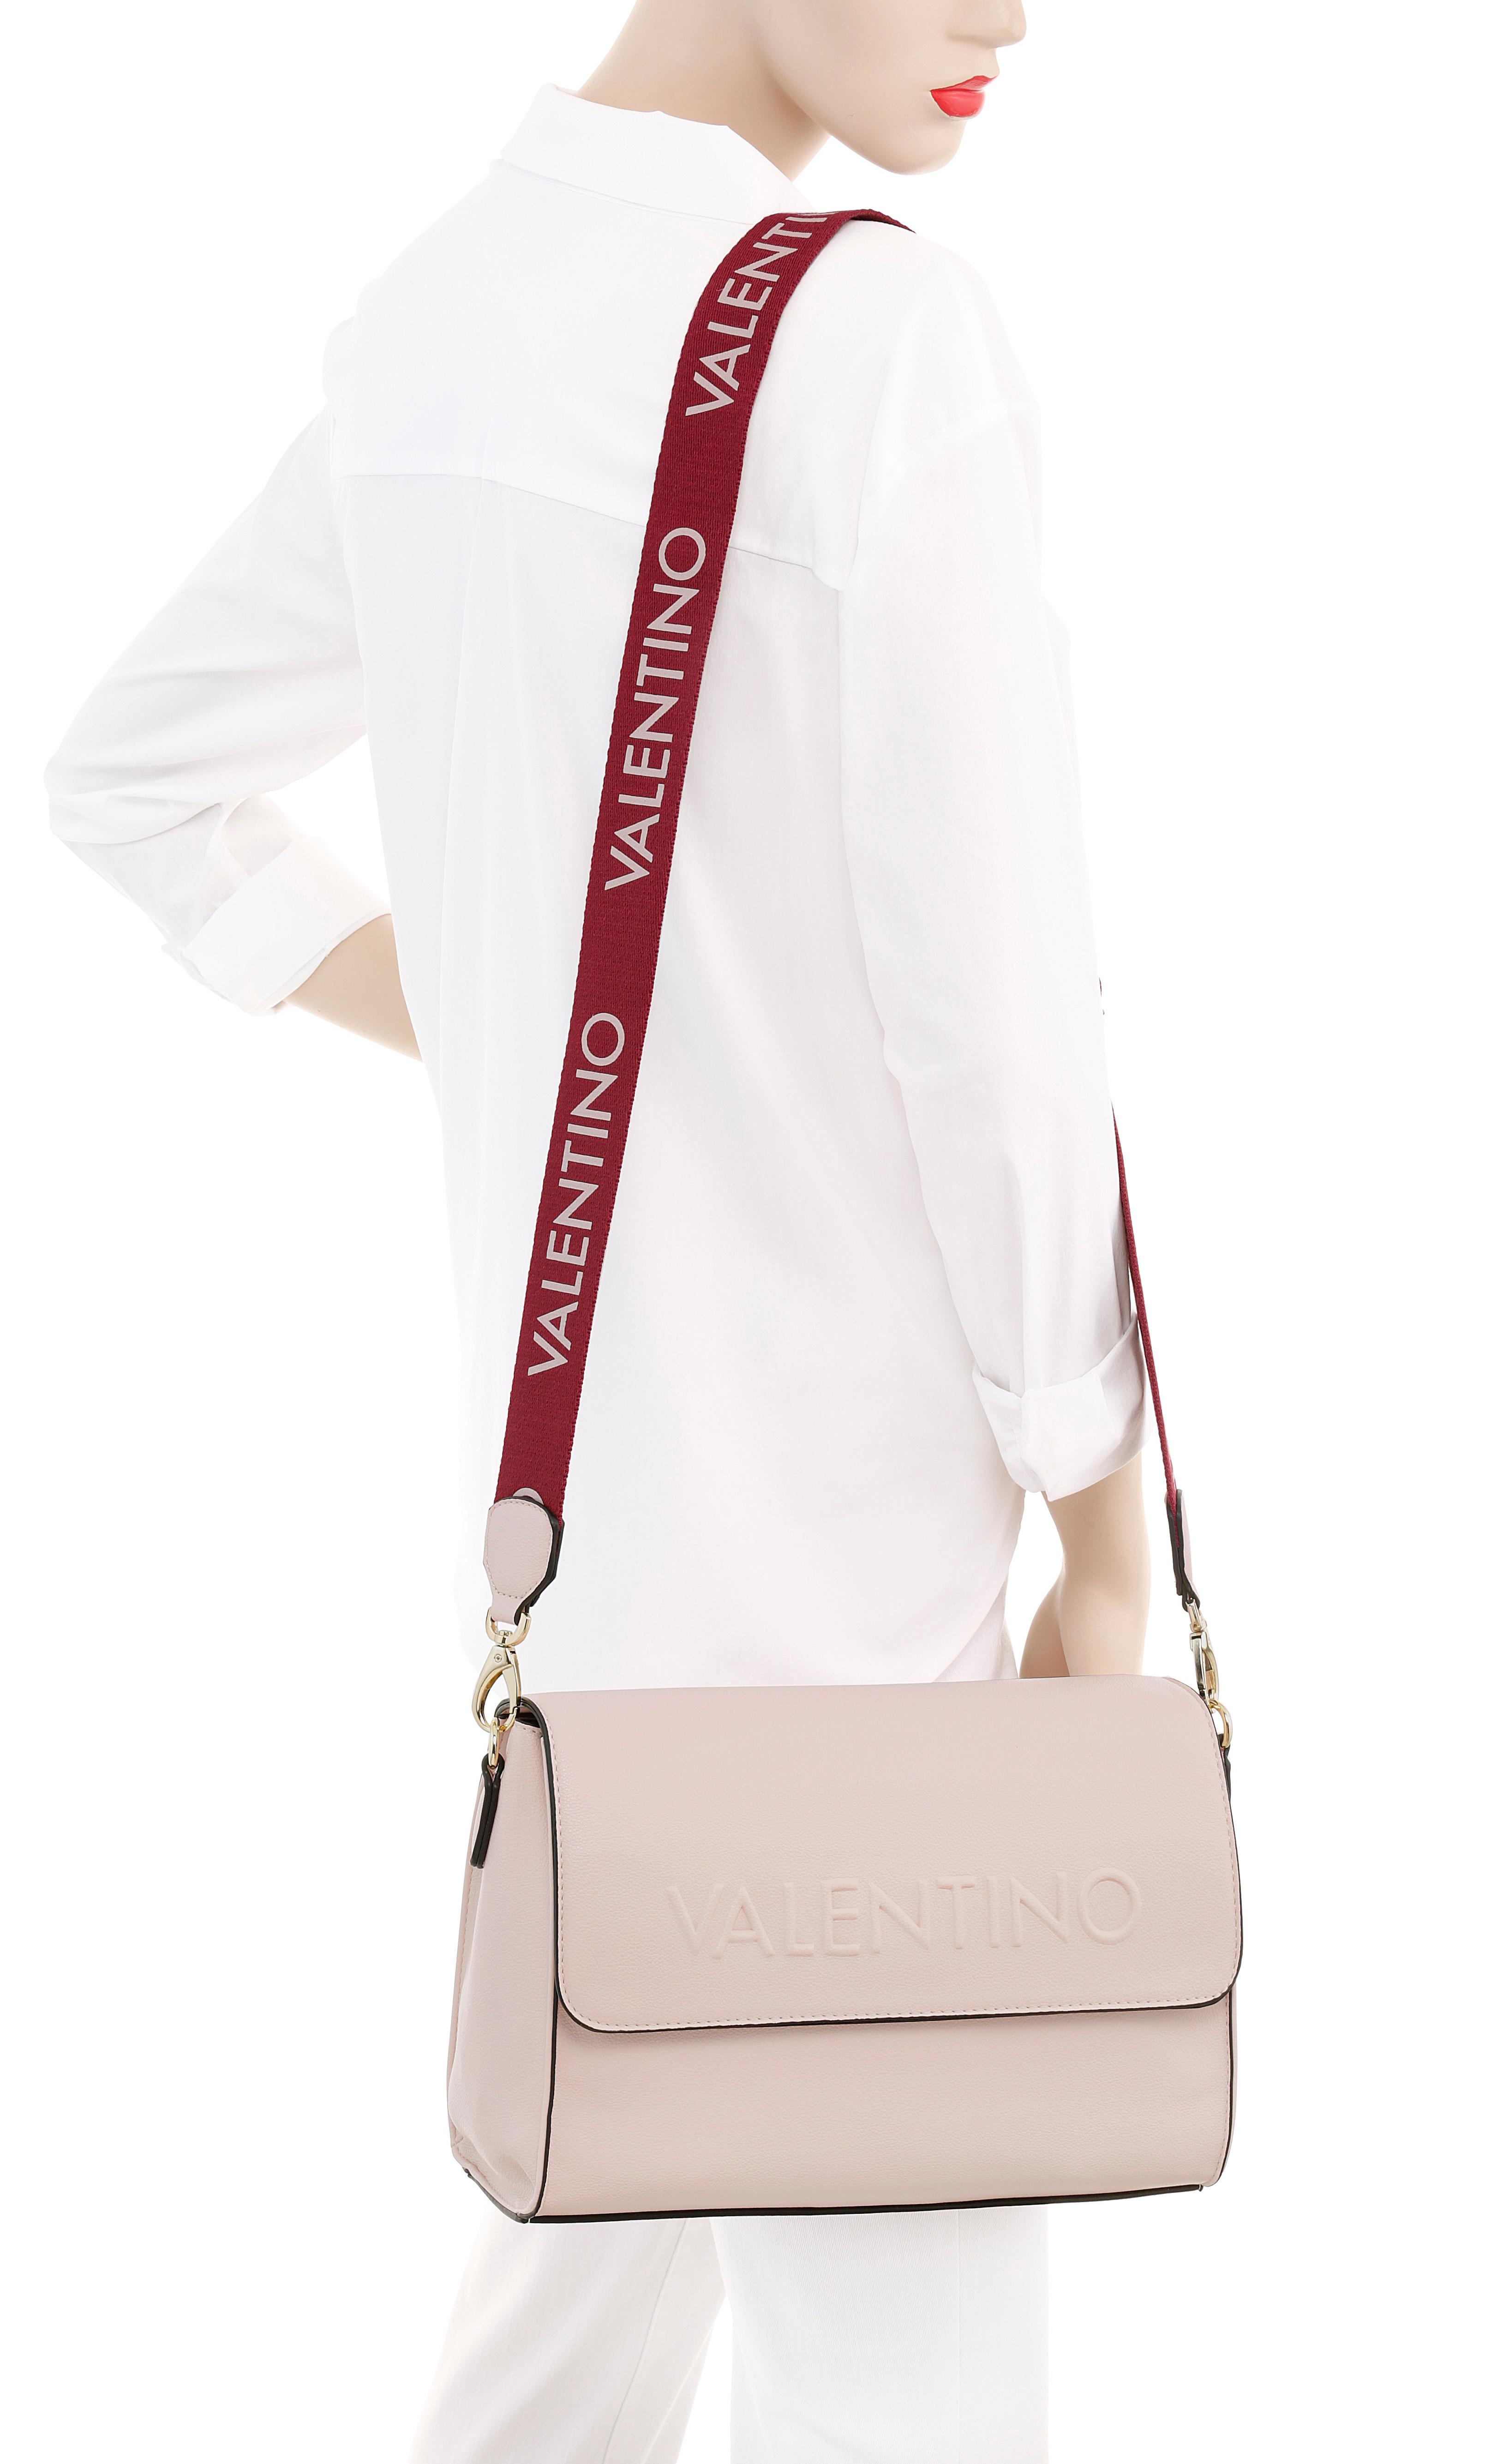 valentino bags -  Umhängetasche, mit Logo Schriftzug auf dem Umhängeriemen